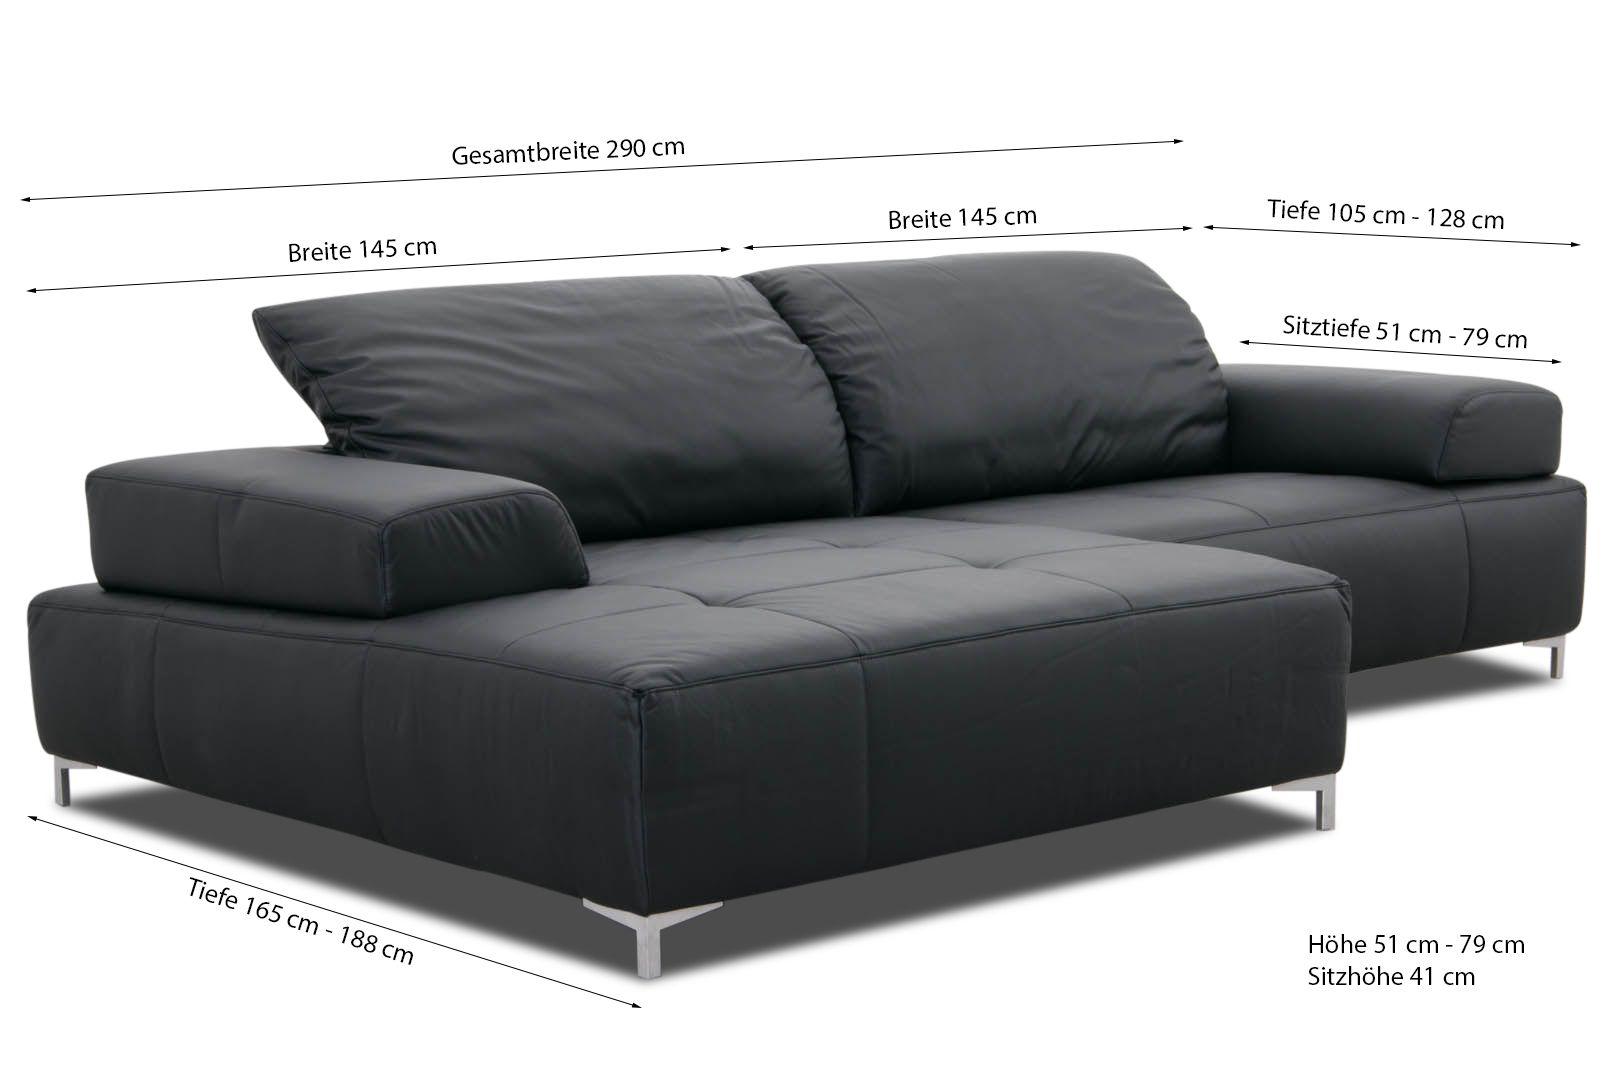 Full Size of Schillig Sofa Leder Preis Sherry Alexx Couch Taoo Broadway Ewald Online Kaufen W Grub Am Forst In 2020 Big L Form 3 2 1 Sitzer Rund Mit Schlaffunktion Sofa Schillig Sofa